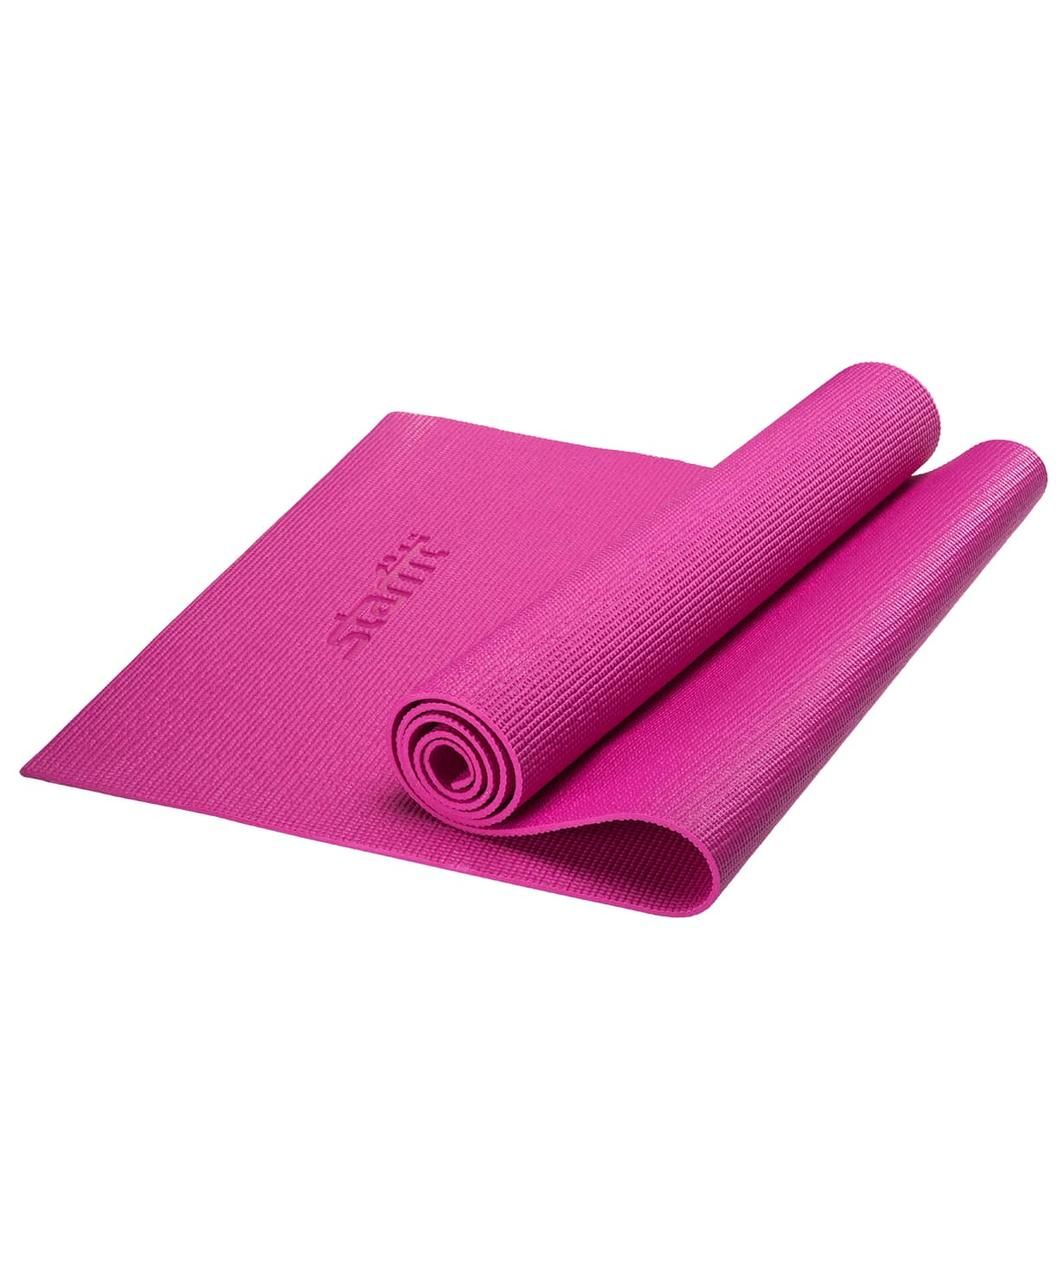 Коврик для йоги FM-101, PVC, 173x61x0,5 см, Starfit